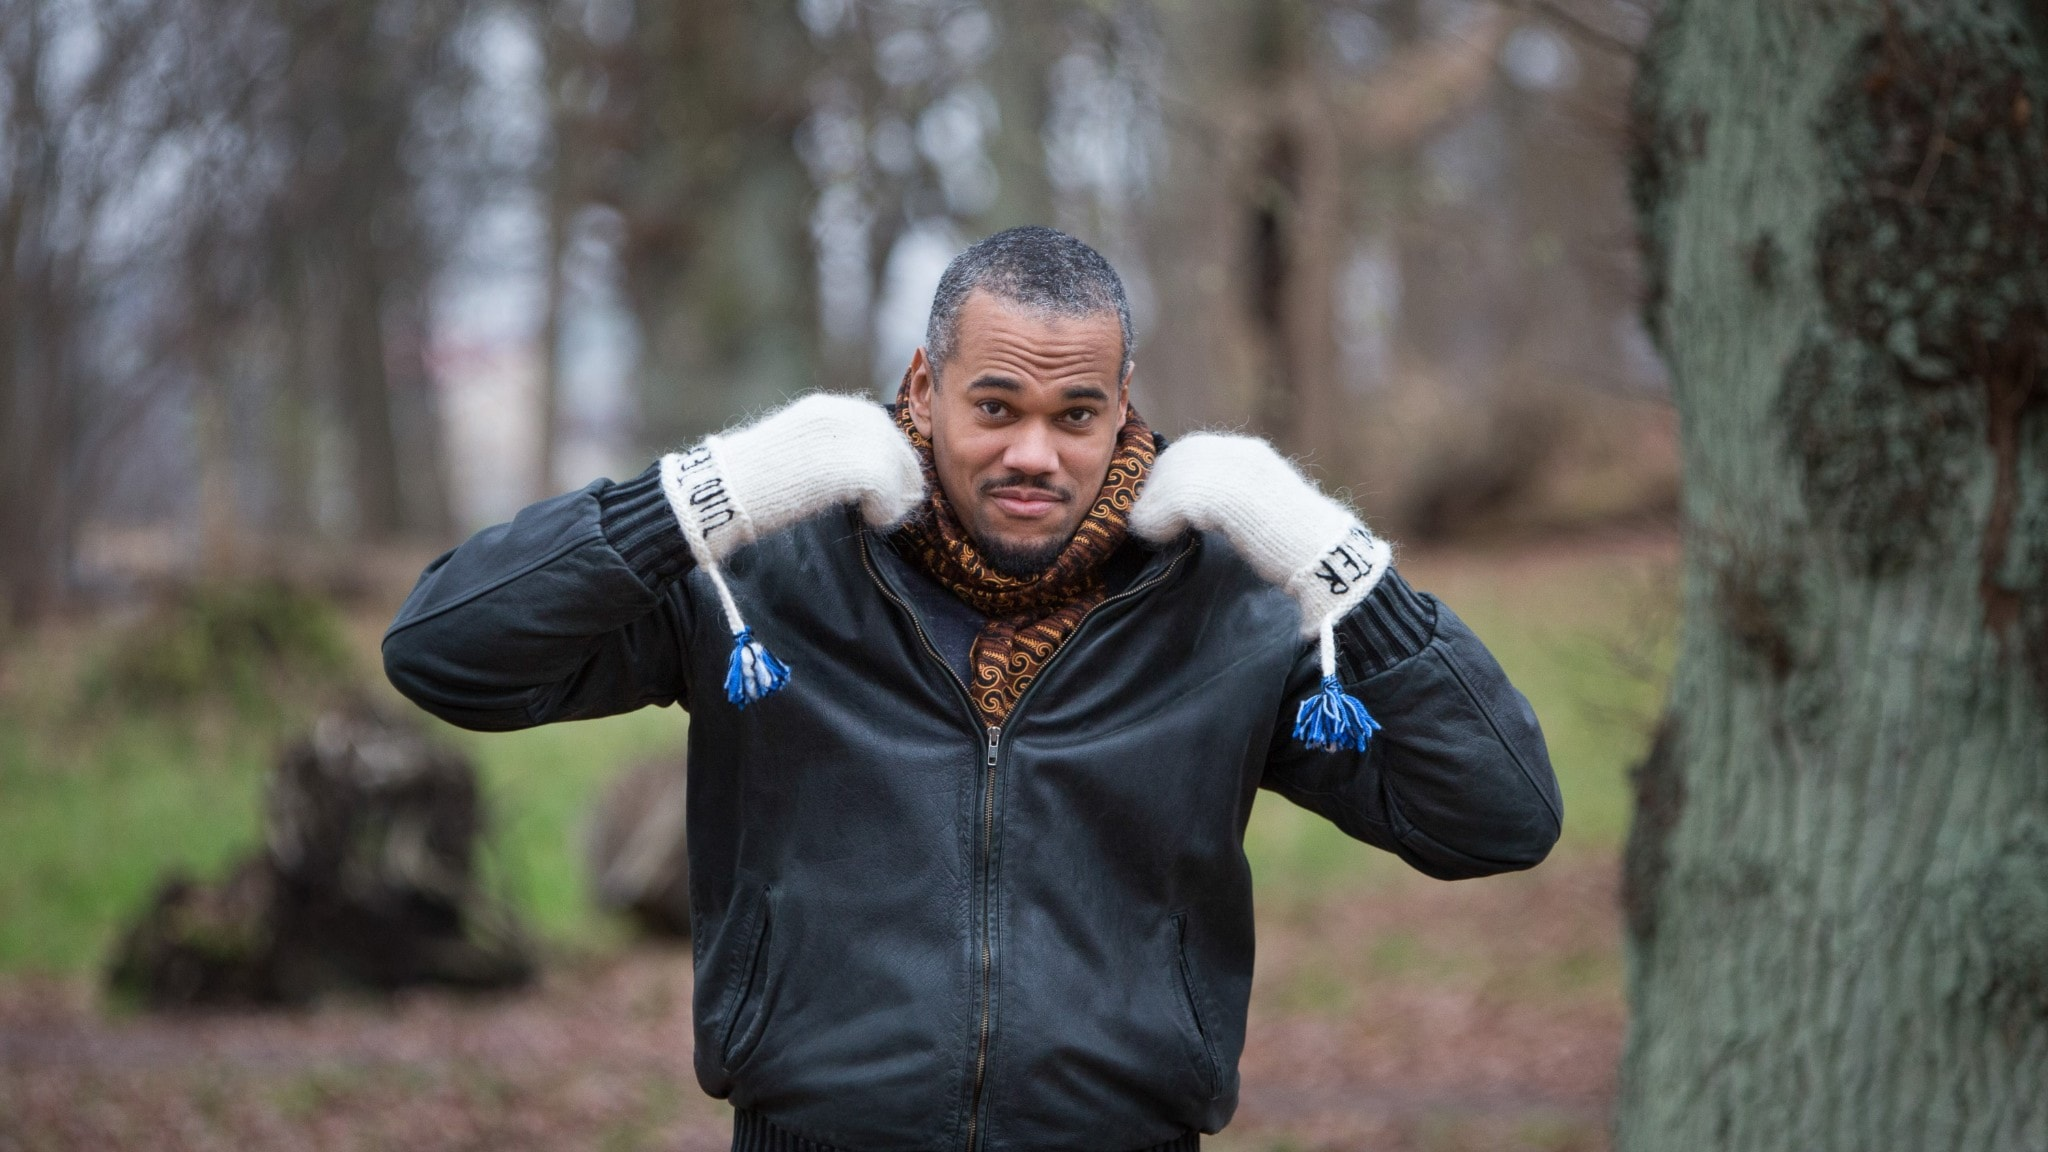 Författaren Johannes Anyuru är en av årets värdar i Vinter i P1